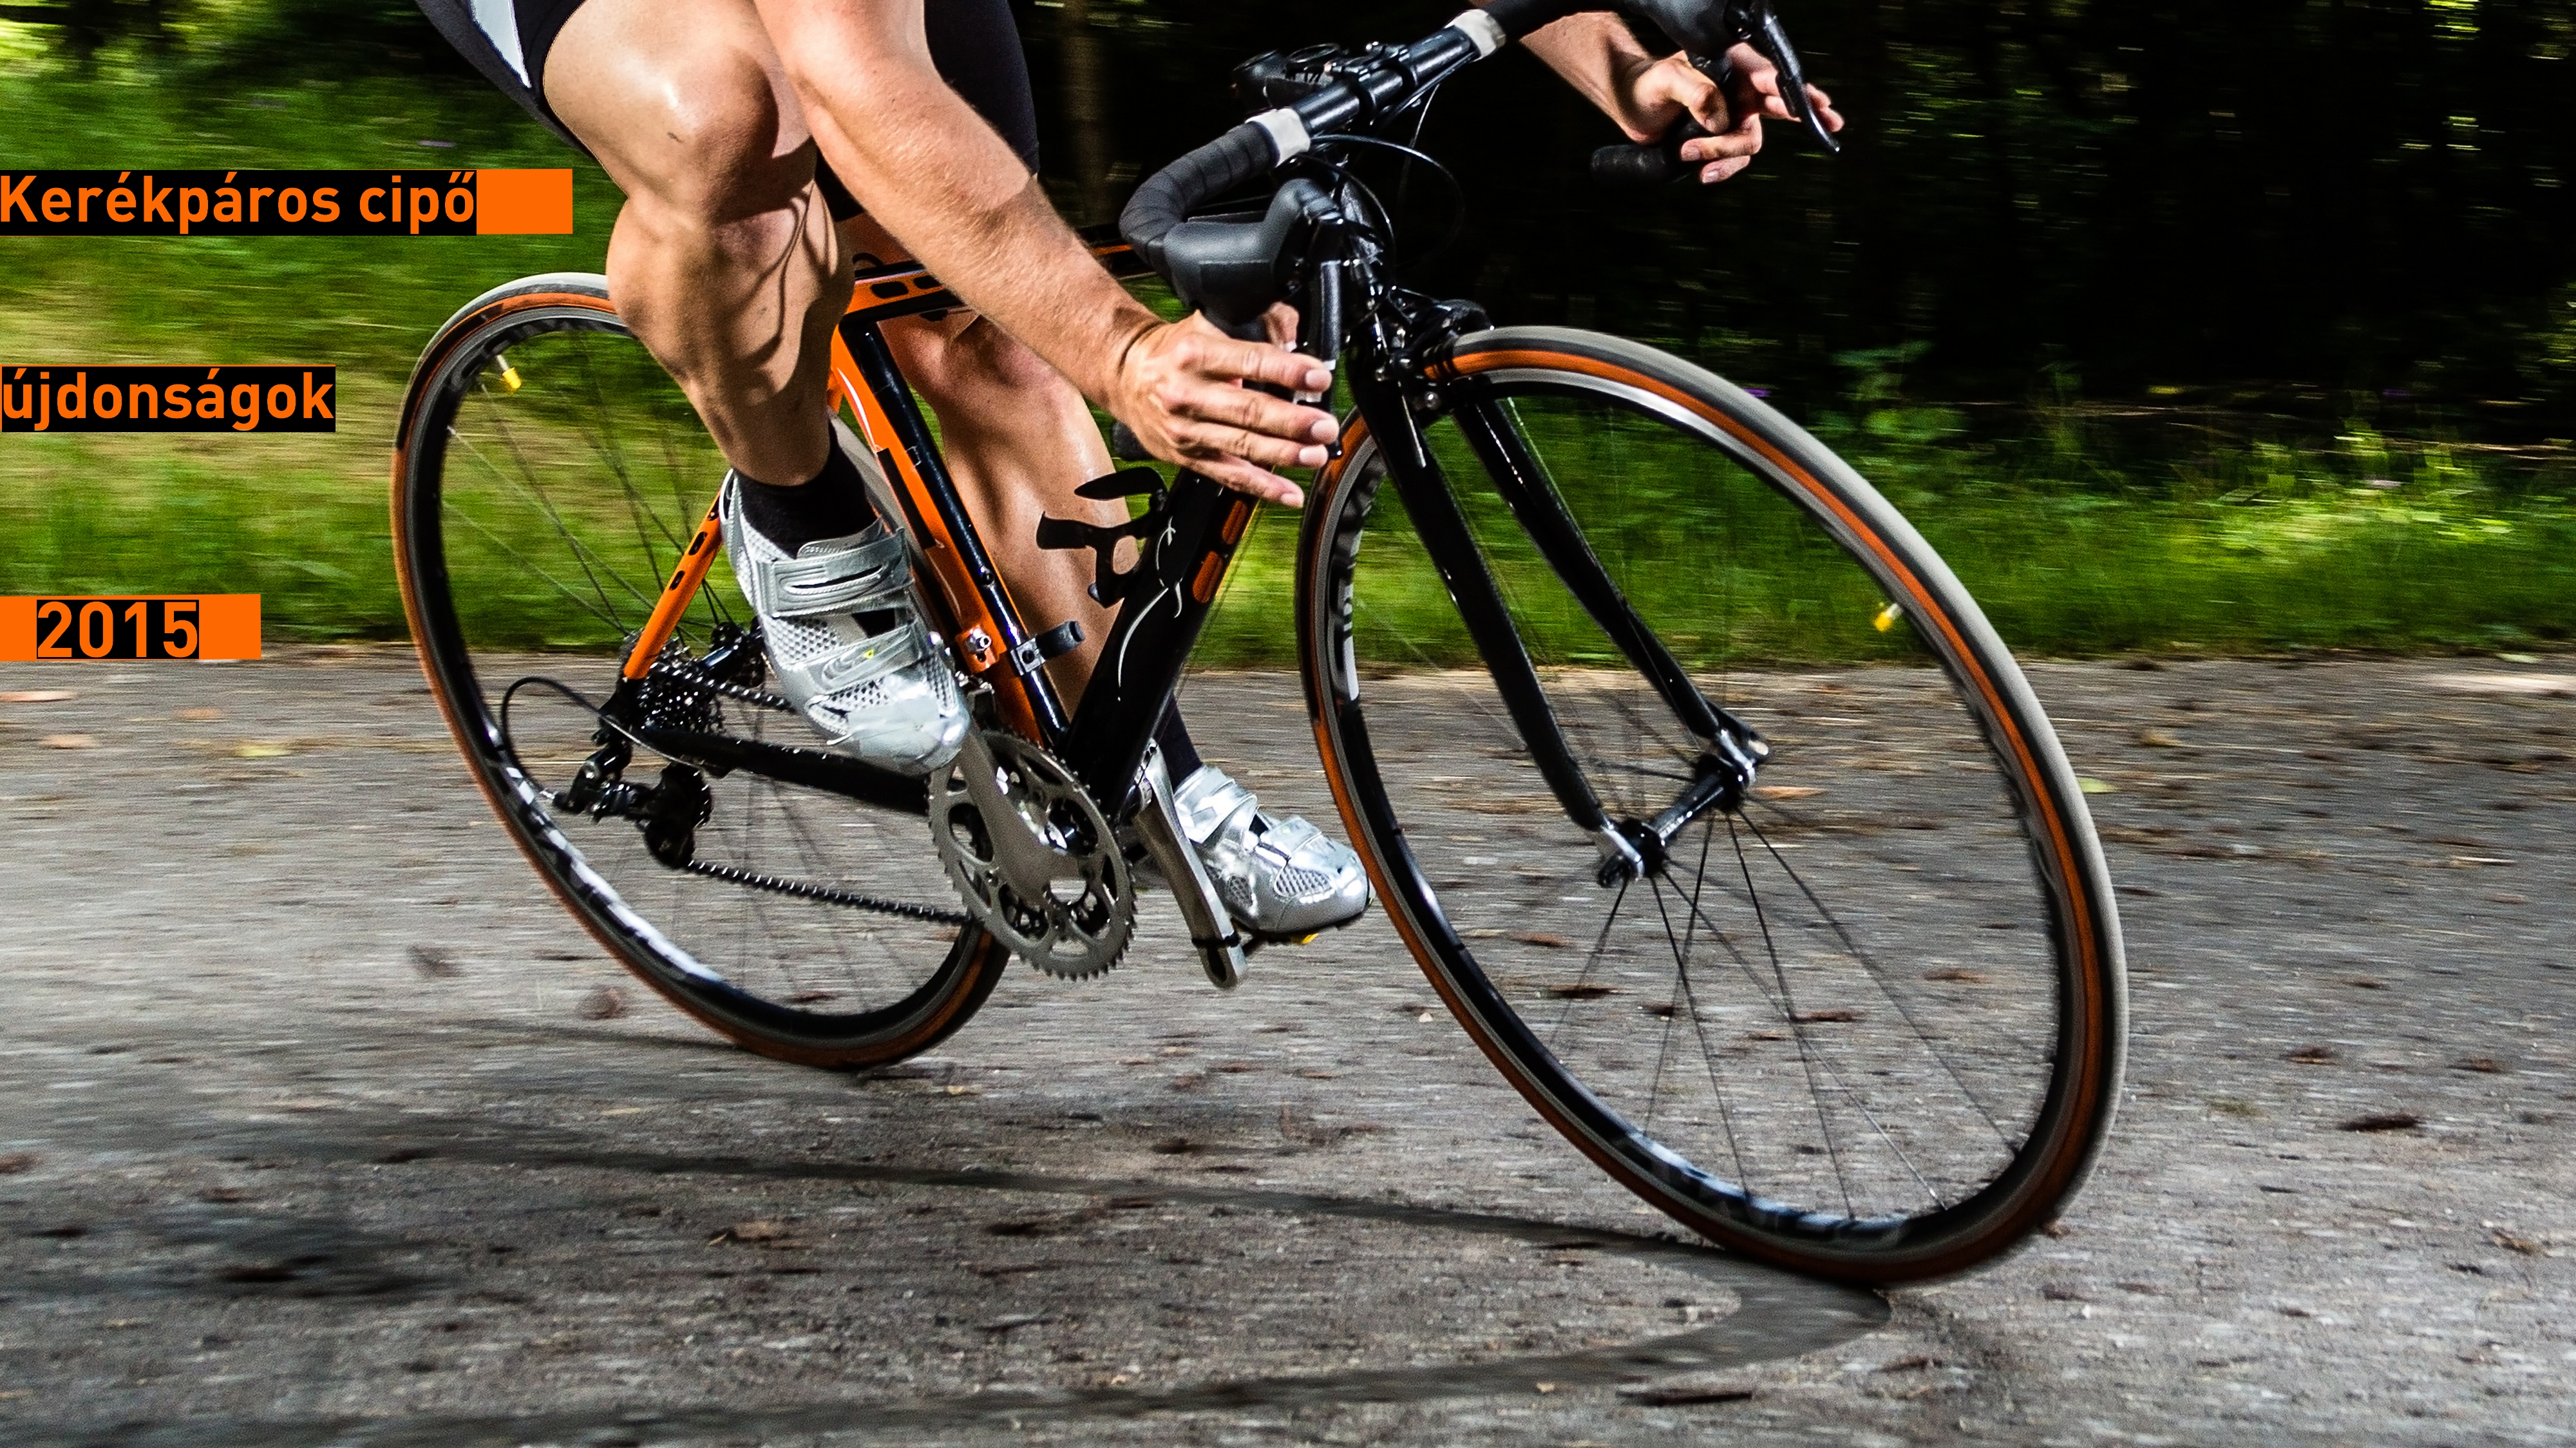 1837cf38dcfa ... a tájékozódást a 2015-ös termékek között, hogy termékcsoportok szerint  is feldolgozzuk a látottakat. Jöjjenek most a kerékpáros cipő újdonságok.